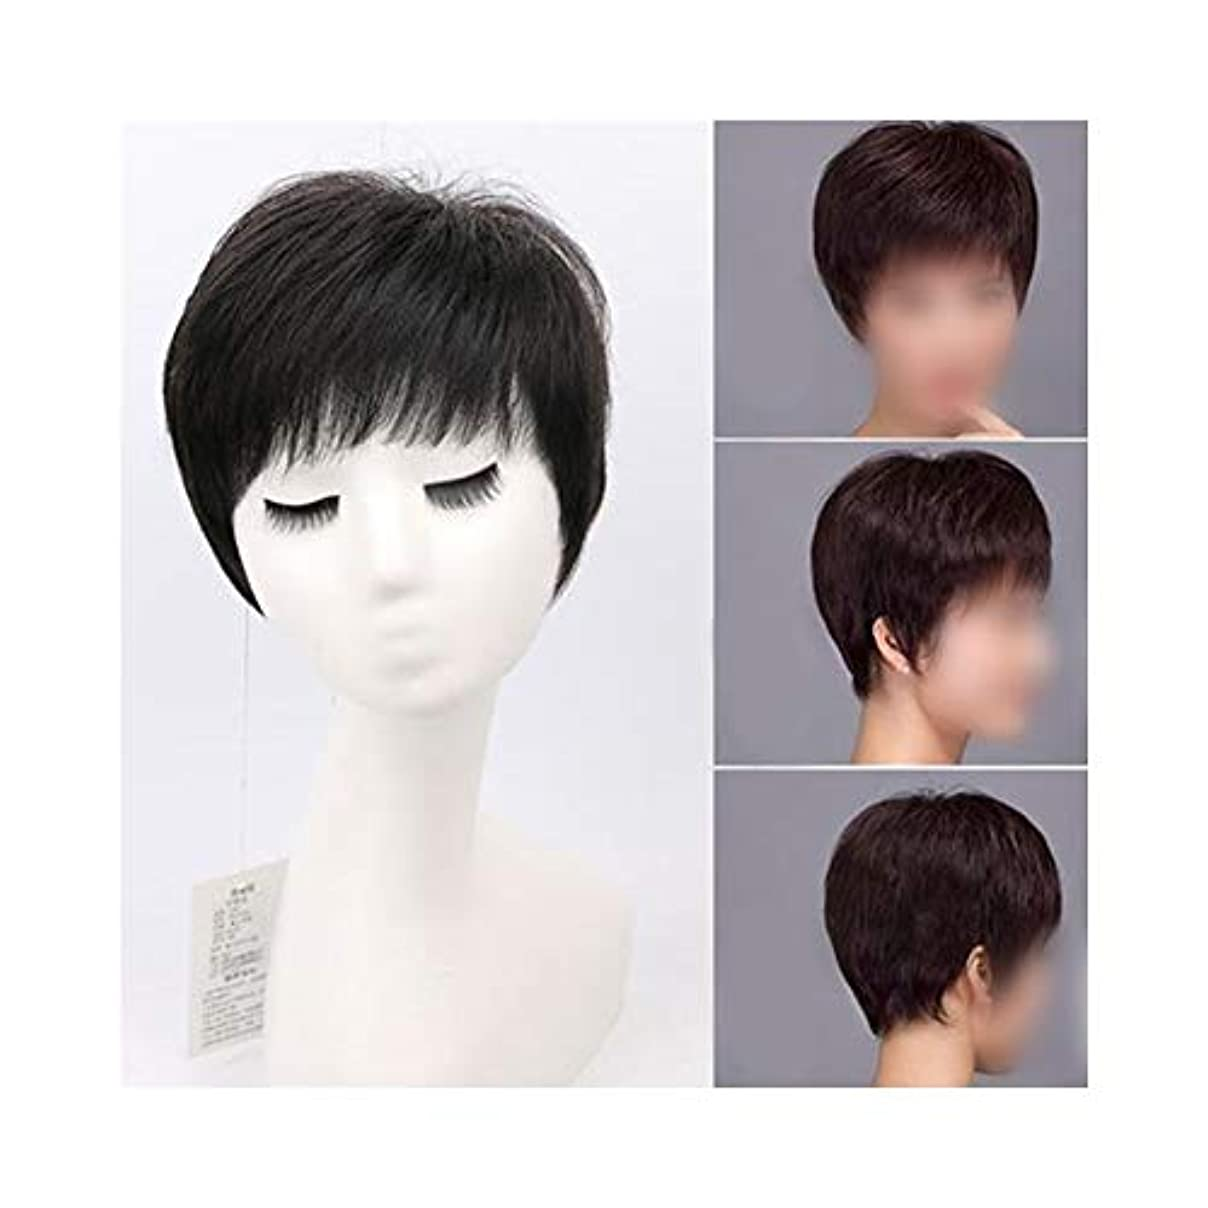 失う感謝追うYOUQIU 女性のための空気中前髪と古いウィッグナチュラル現実的なかつらを持つ実髪ショートストレートヘアー (色 : Dark brown)